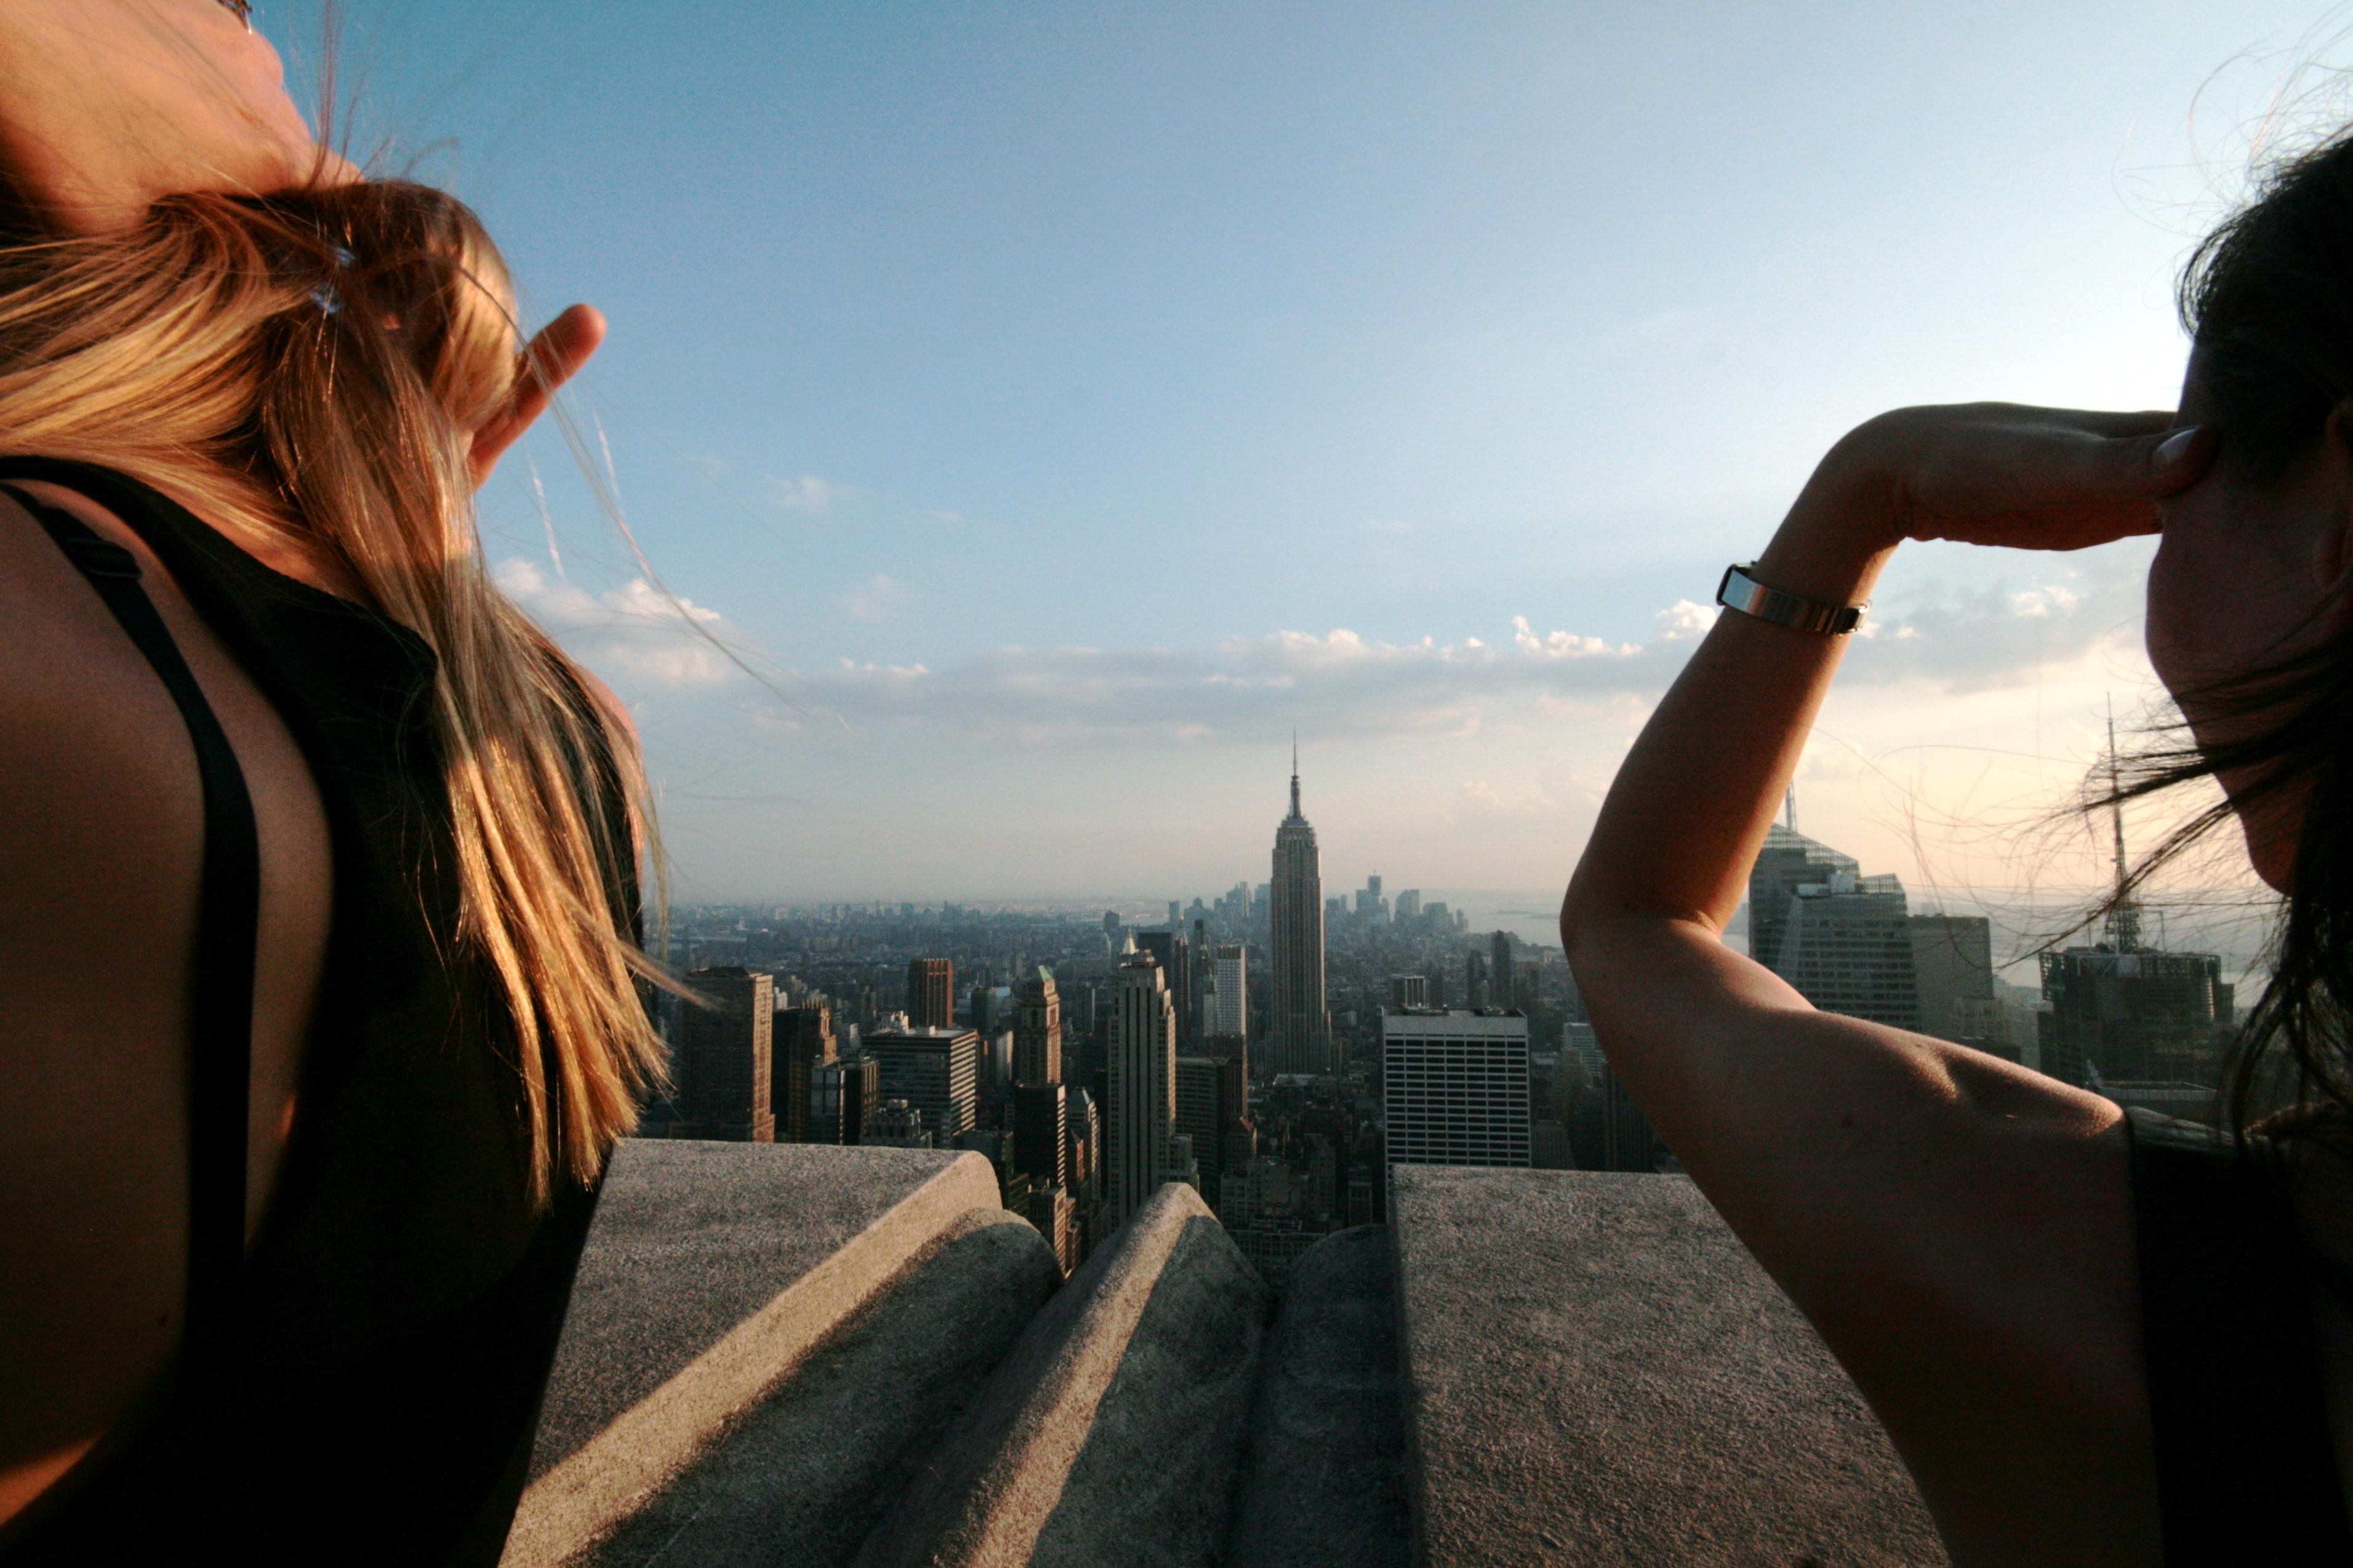 J'adore les photos nues de New York